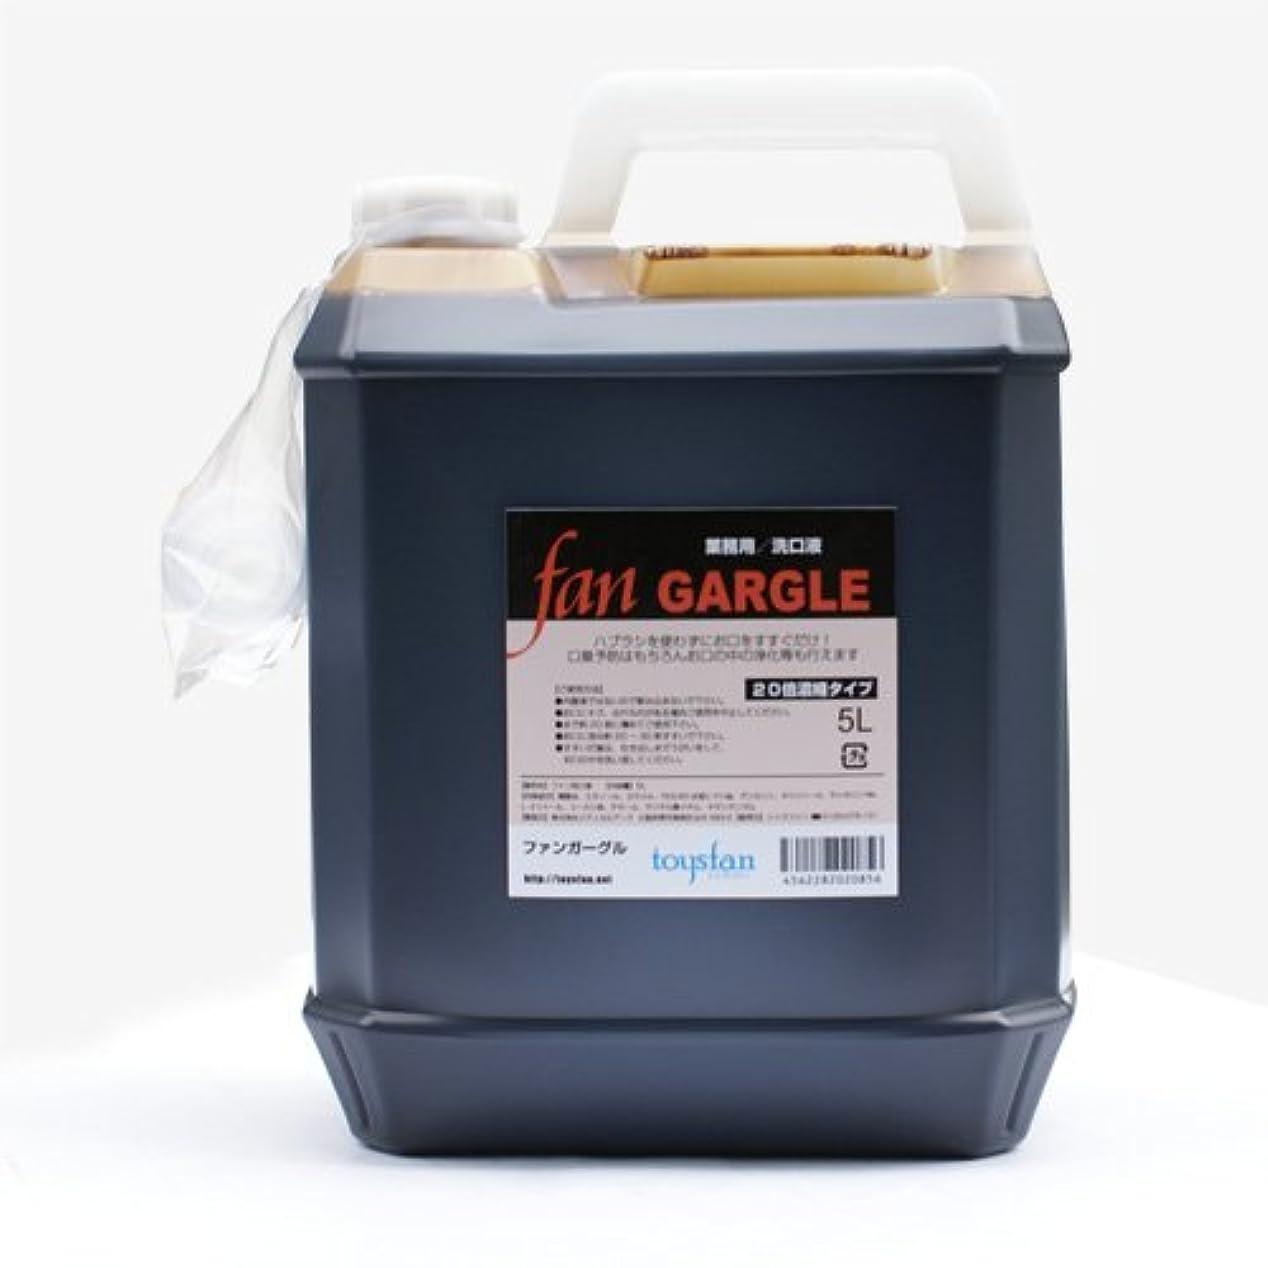 振る舞い顕現レースファンガーグル 5L(20倍濃縮)業務用洗口液